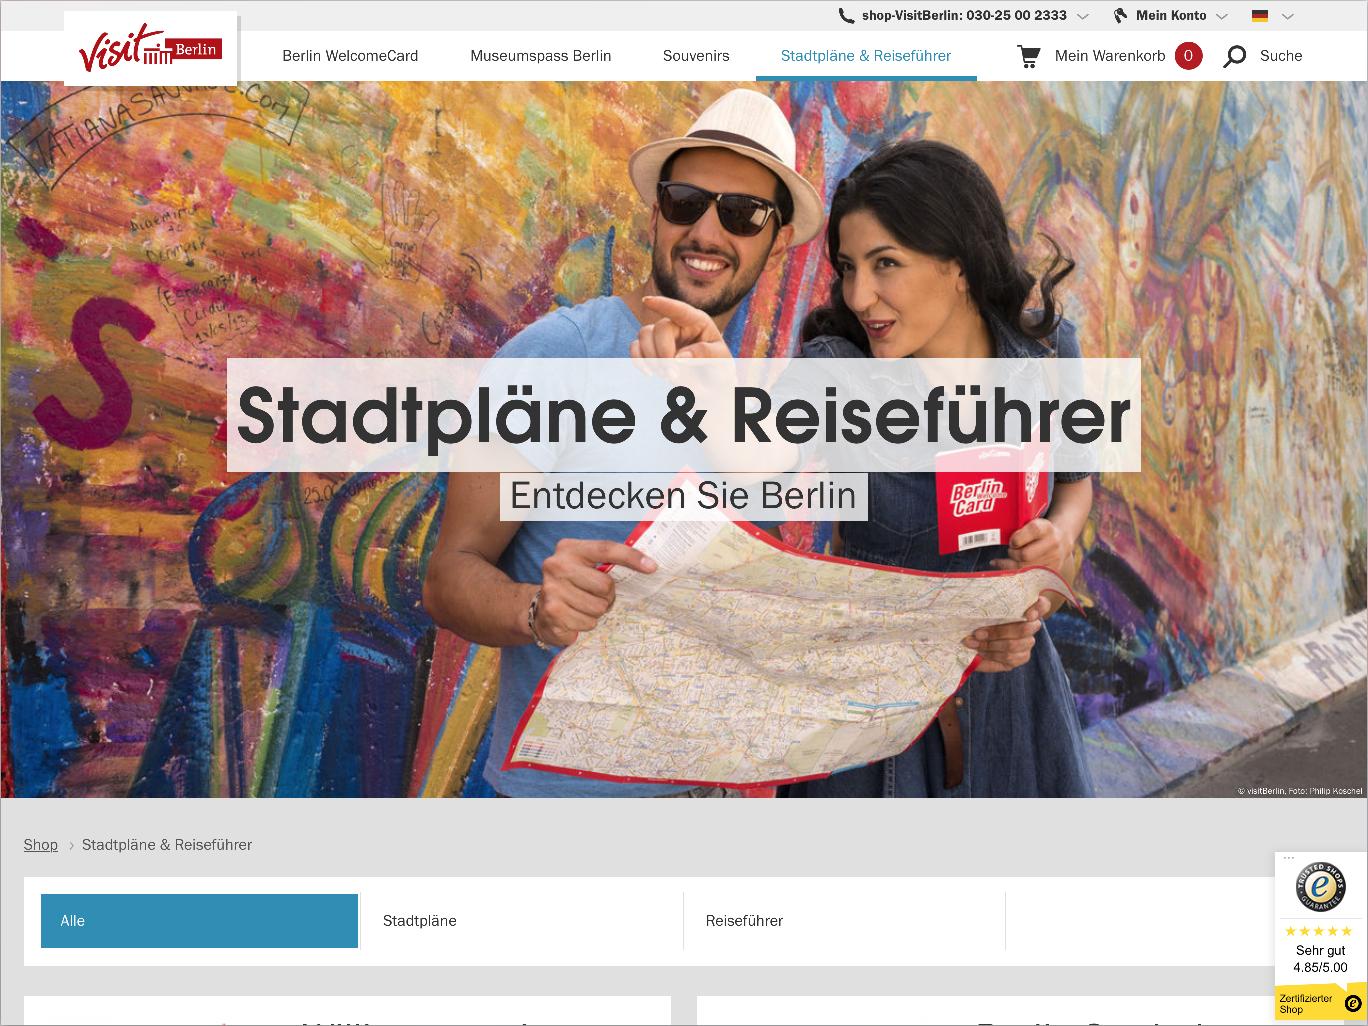 Der neue visitBerlin Online-Shop